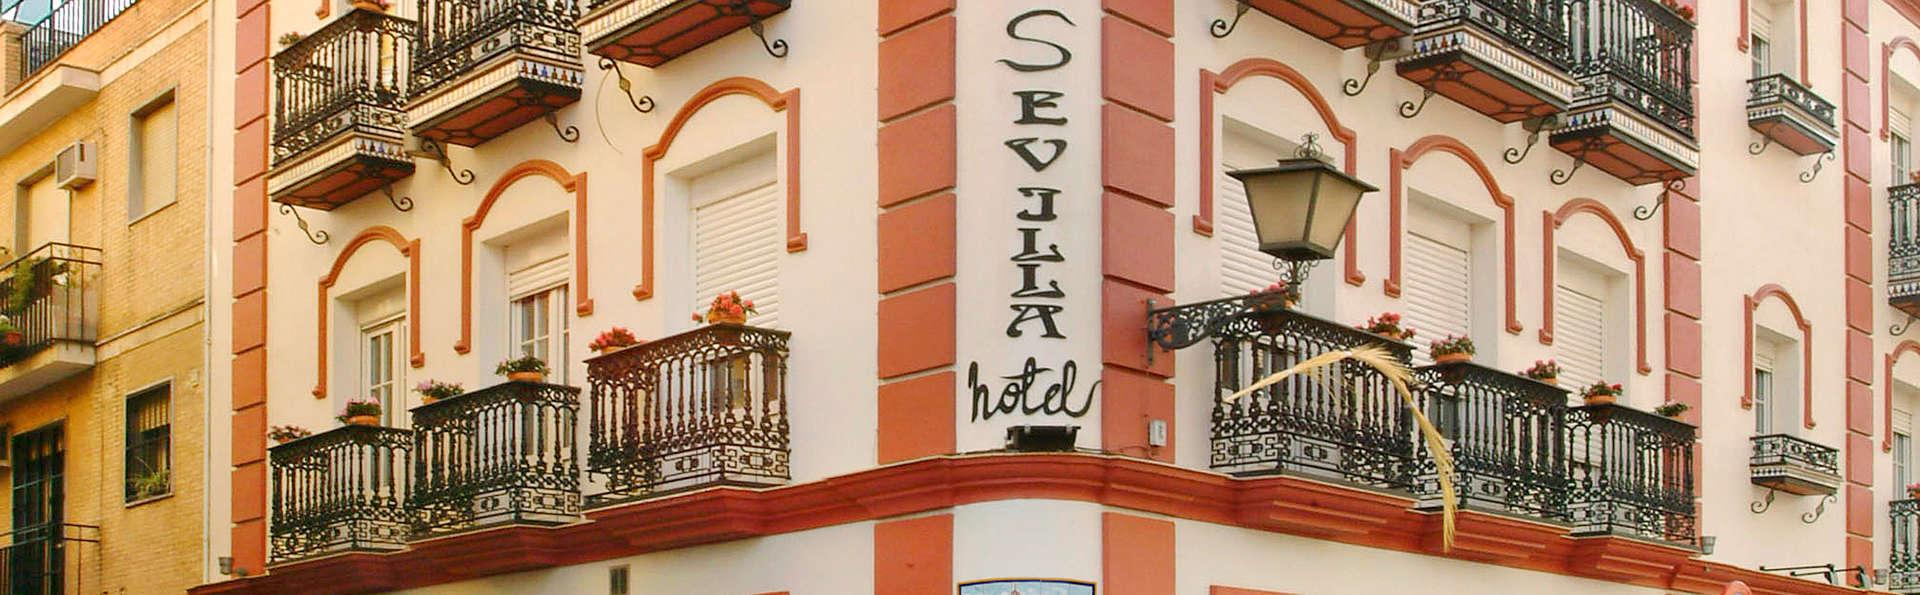 Alcoba del rey de sevilla boutique hotel hotel sevilla for Boutique hotel sevilla